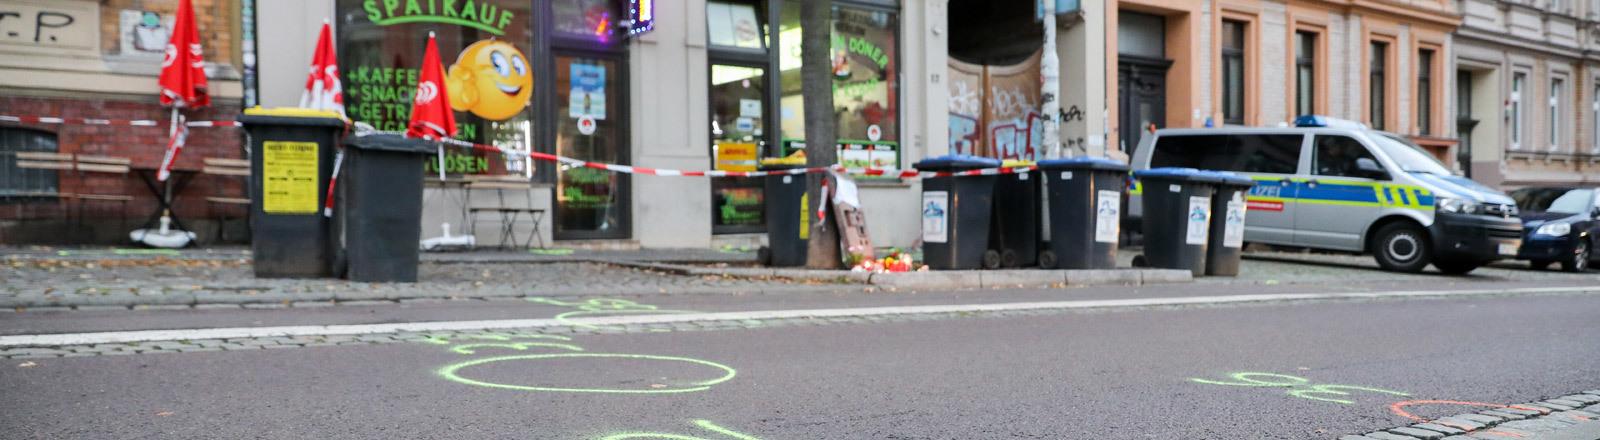 Dönerladen in Halle, in dem ein Mensch erschossen wurde